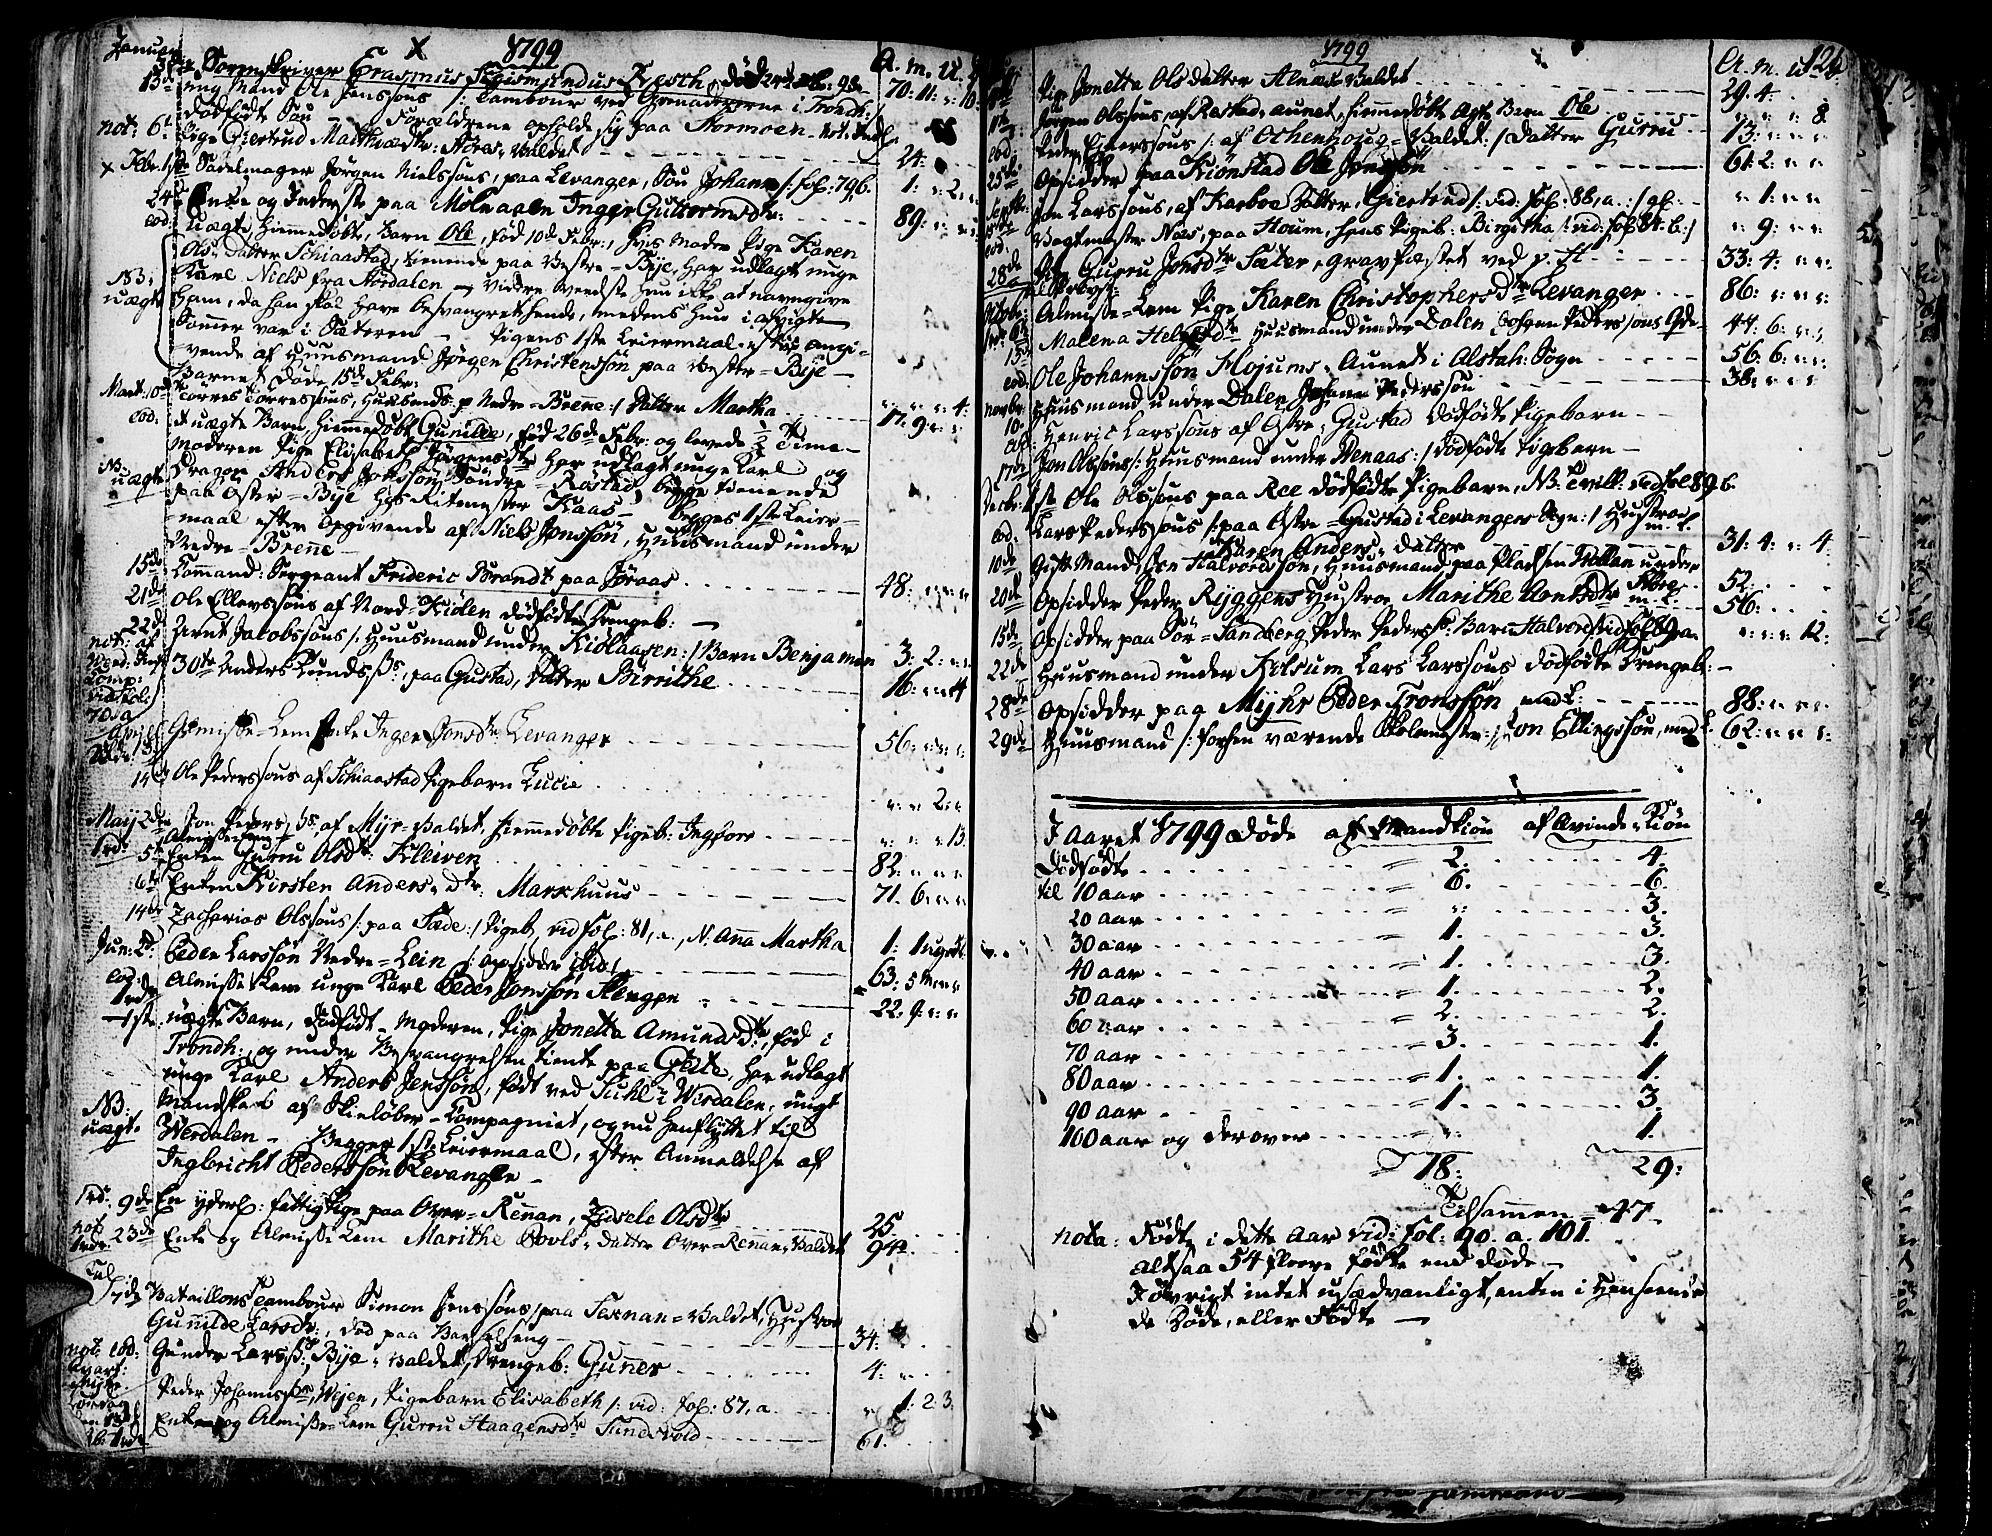 SAT, Ministerialprotokoller, klokkerbøker og fødselsregistre - Nord-Trøndelag, 717/L0142: Ministerialbok nr. 717A02 /1, 1783-1809, s. 121